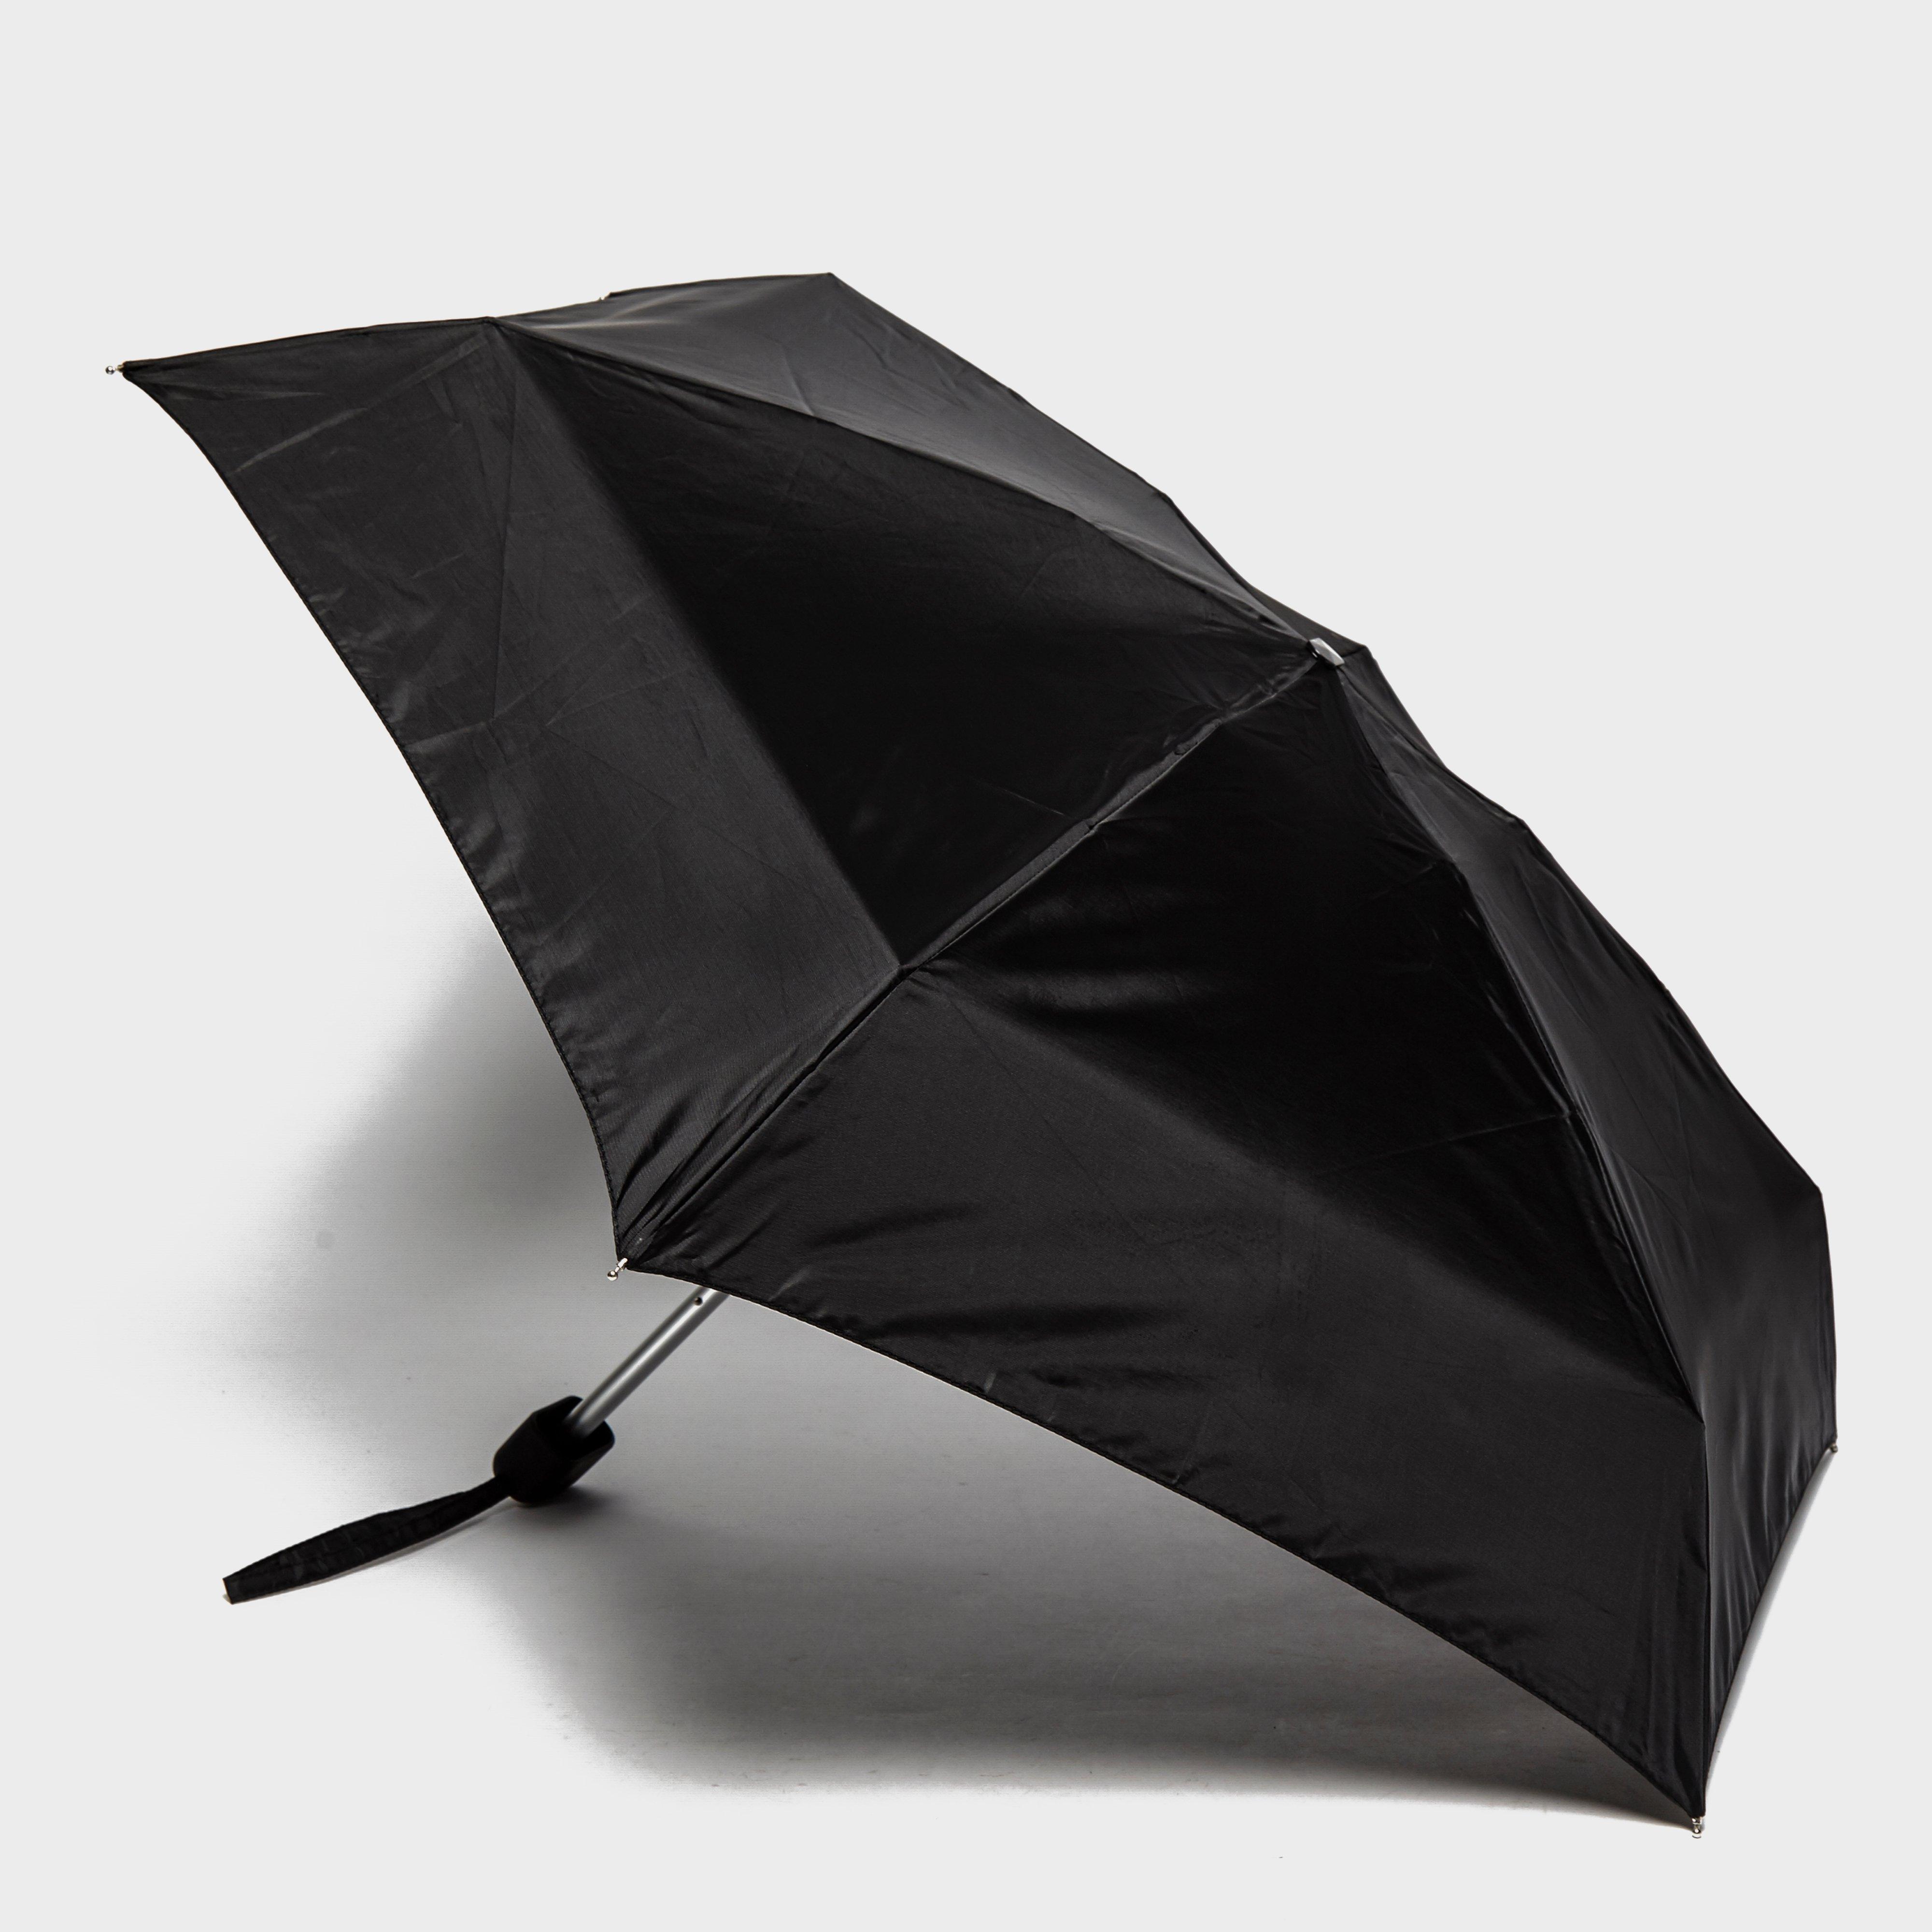 Fulton Fulton Tiny 1 Umbrella - Black, Black